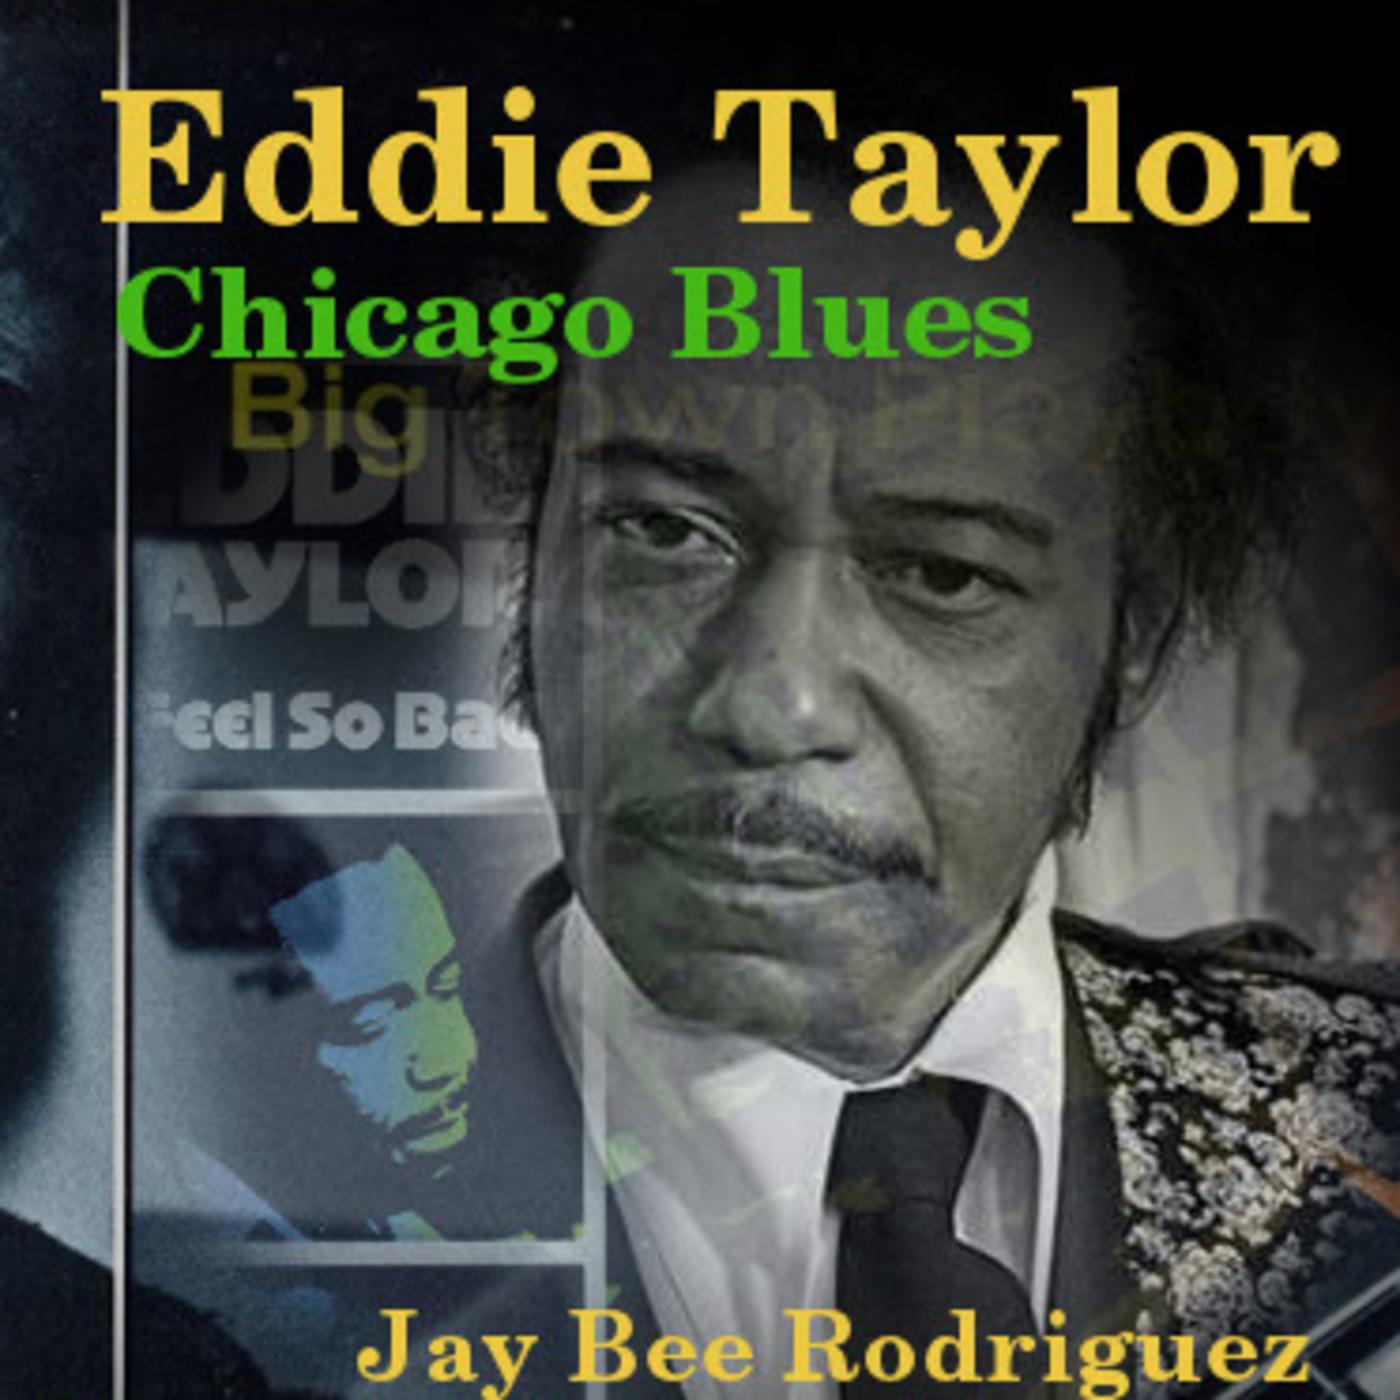 Blues de Verdad - podcast 47: EDDIE TAYLOR, Chicago Blues (pt 1)